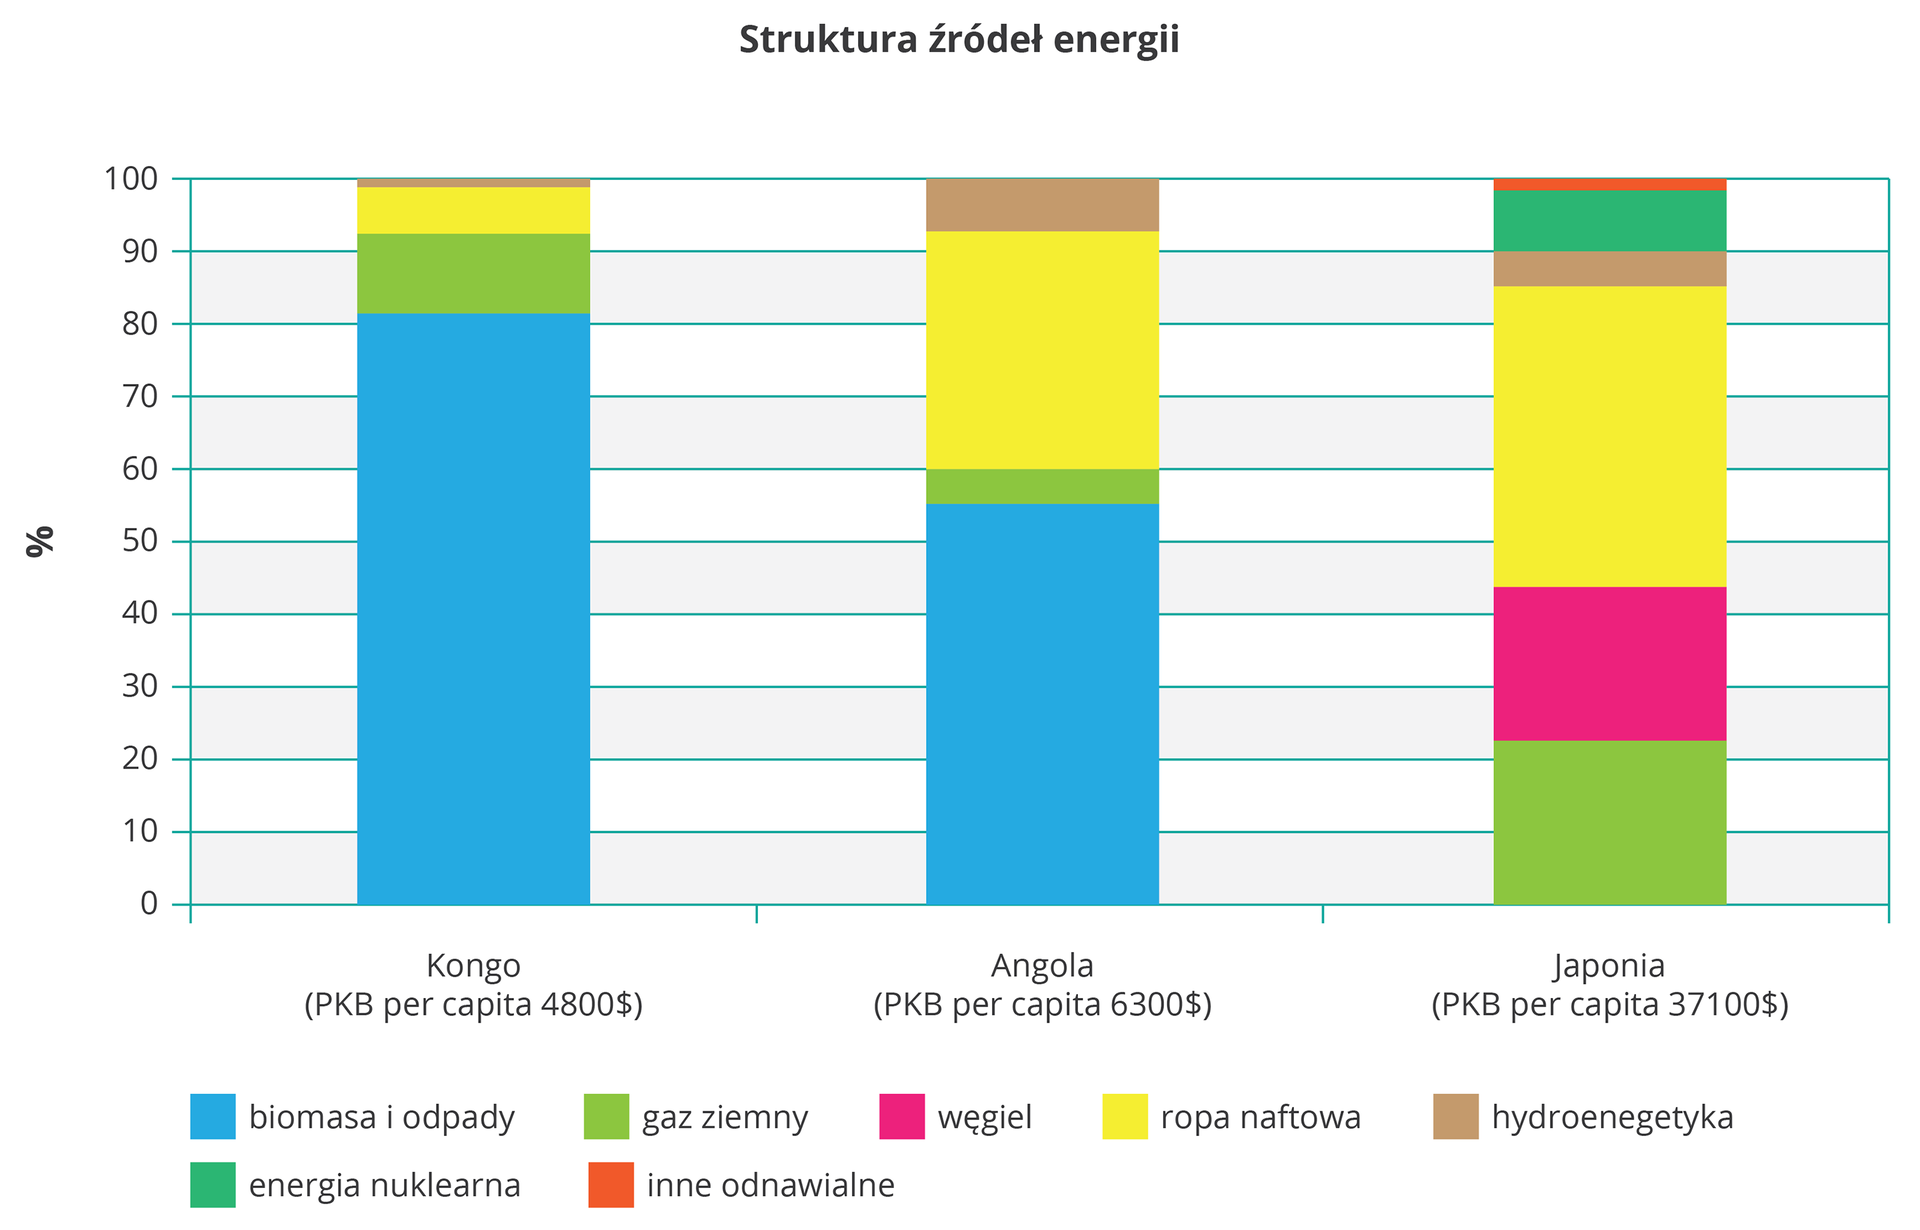 Na ilustracji wykres słupkowy strukturalny. Trzy kolorowe słupki, mocno zróżnicowane pod względem proporcji kolorów. Zlewej strony na osi pionowej opisano wartości od zera do stu wprocentach. Na osi poziomej podpisano trzy słupki nazwami państw: Kongo, Angola, Japonia. Kolorami przedstawiono źródła energii: biomasa iodpady, niebieski, energia nuklearna, turkusowy, gaz ziemny, zielony, inne odnawialne, czerwony, węgiel, różowy, ropa naftowa, żółty, hydroenergetyka, brązowy. Wkrajach rozwijających się dominuje biomasa iodpady – wKongo ponad 80%, wAngoli ponad 50%, ropa naftowa też stanowi znaczące źródło – ponad 30%. WJaponii ok. 50% stanowi ropa naftowa, ponad 20% gaz ziemny, ok. 20% węgiel kamienny imniej niż 10% energia nuklearna.